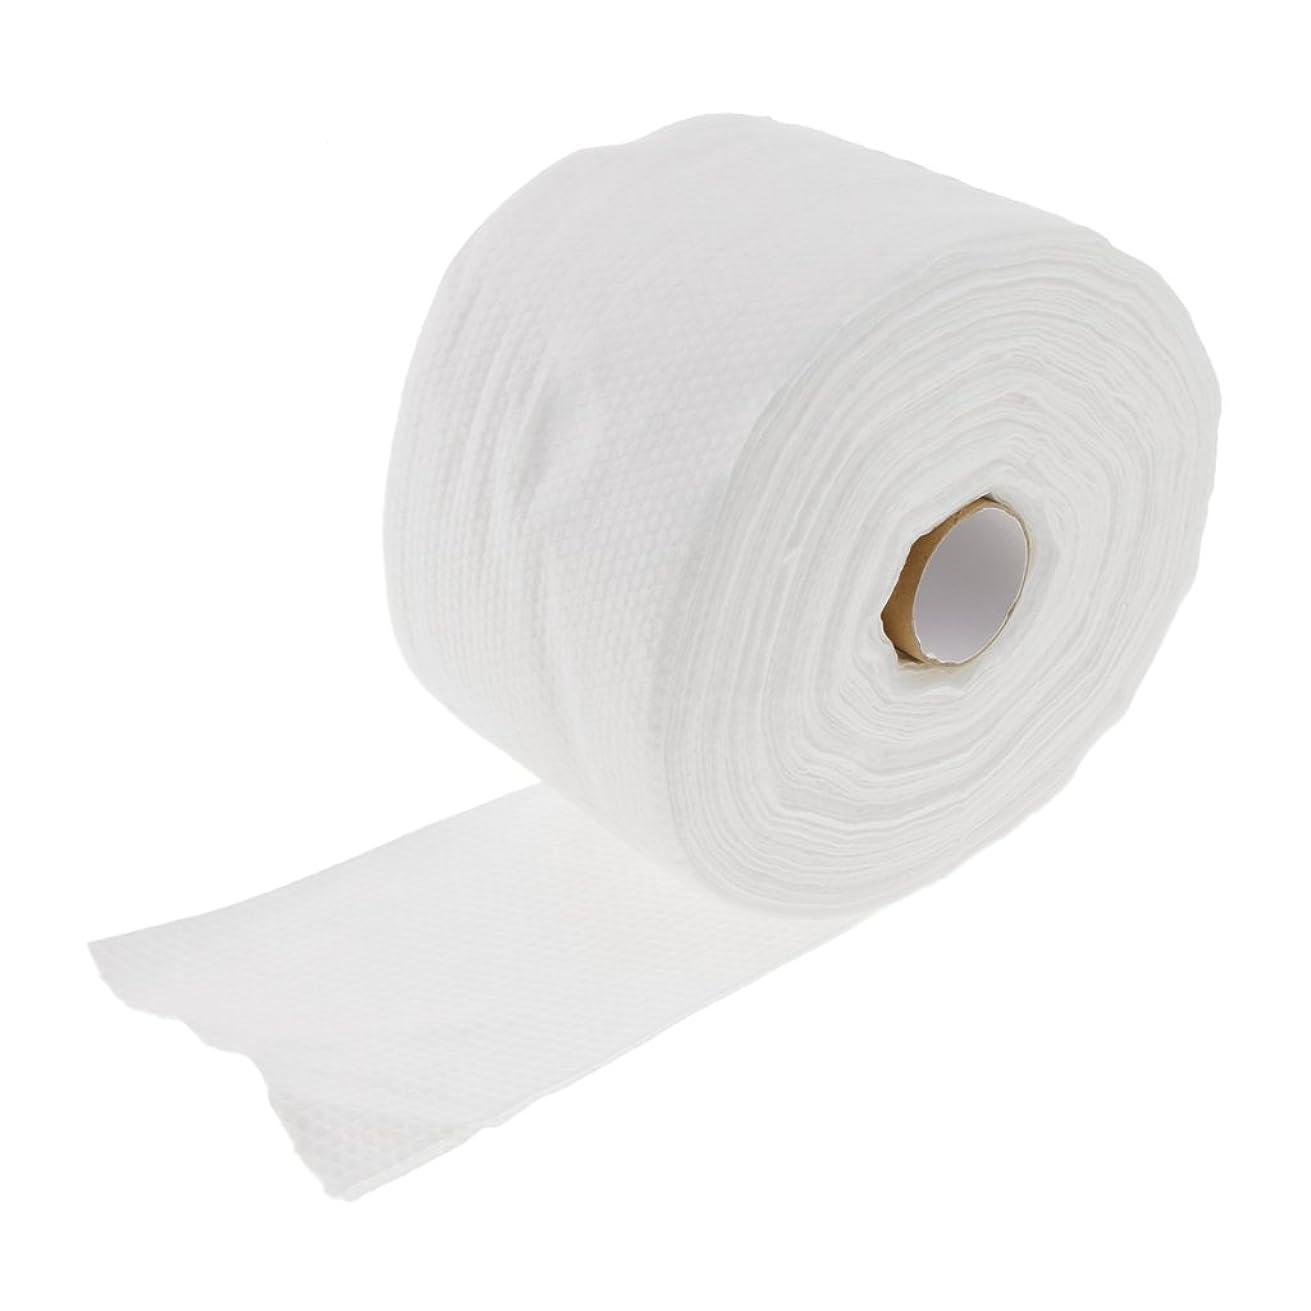 異議急降下スポークスマンKesoto ロール式 使い捨て 洗顔タオル 使い捨てタオル 30M コットン 繊維 メイクリムーバー 2タイプ選べる - #2